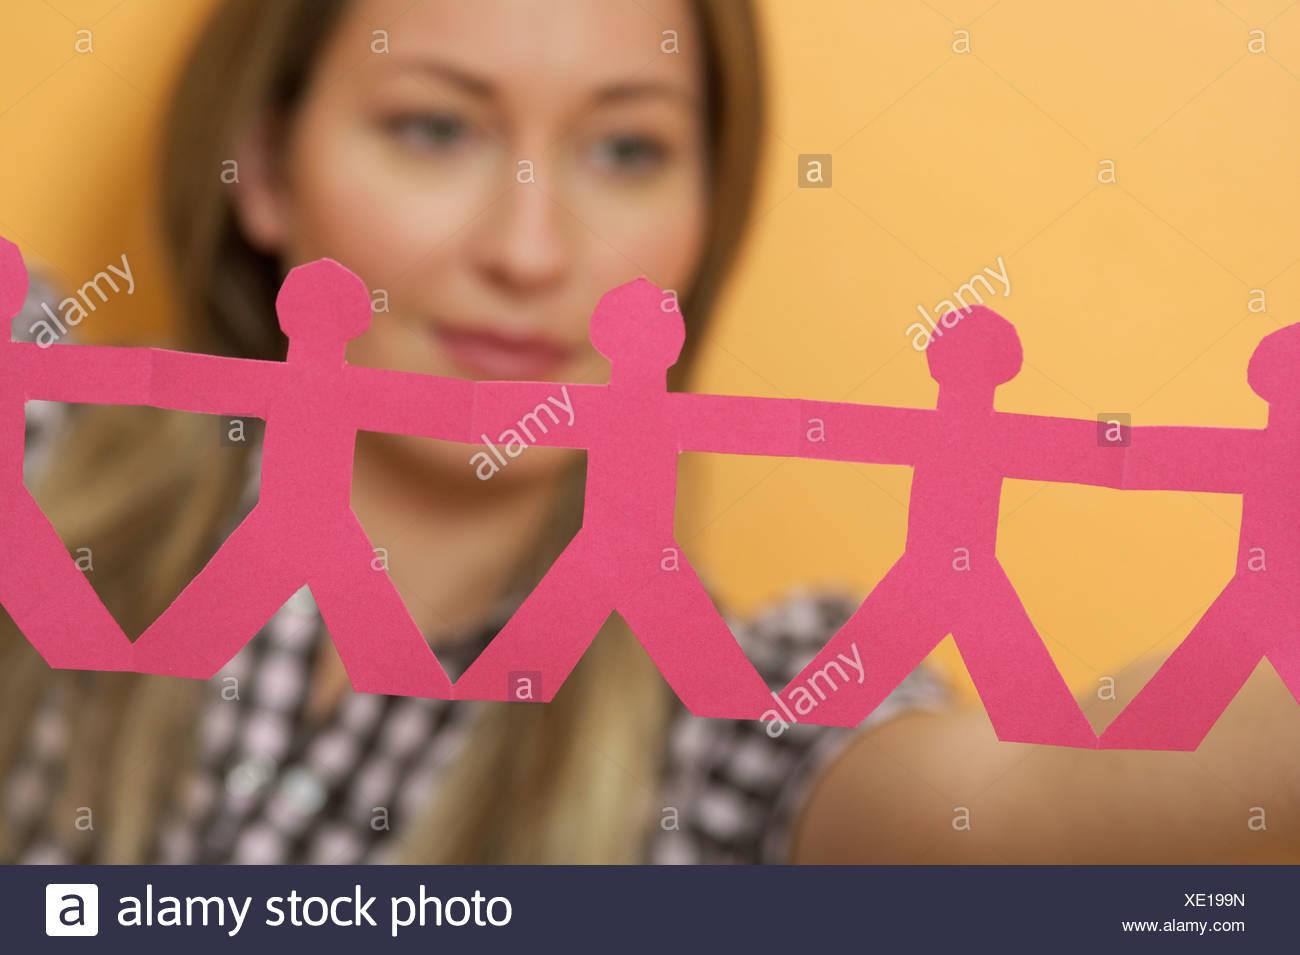 Una donna è in possesso di una catena di figure intagliate di carta Immagini Stock